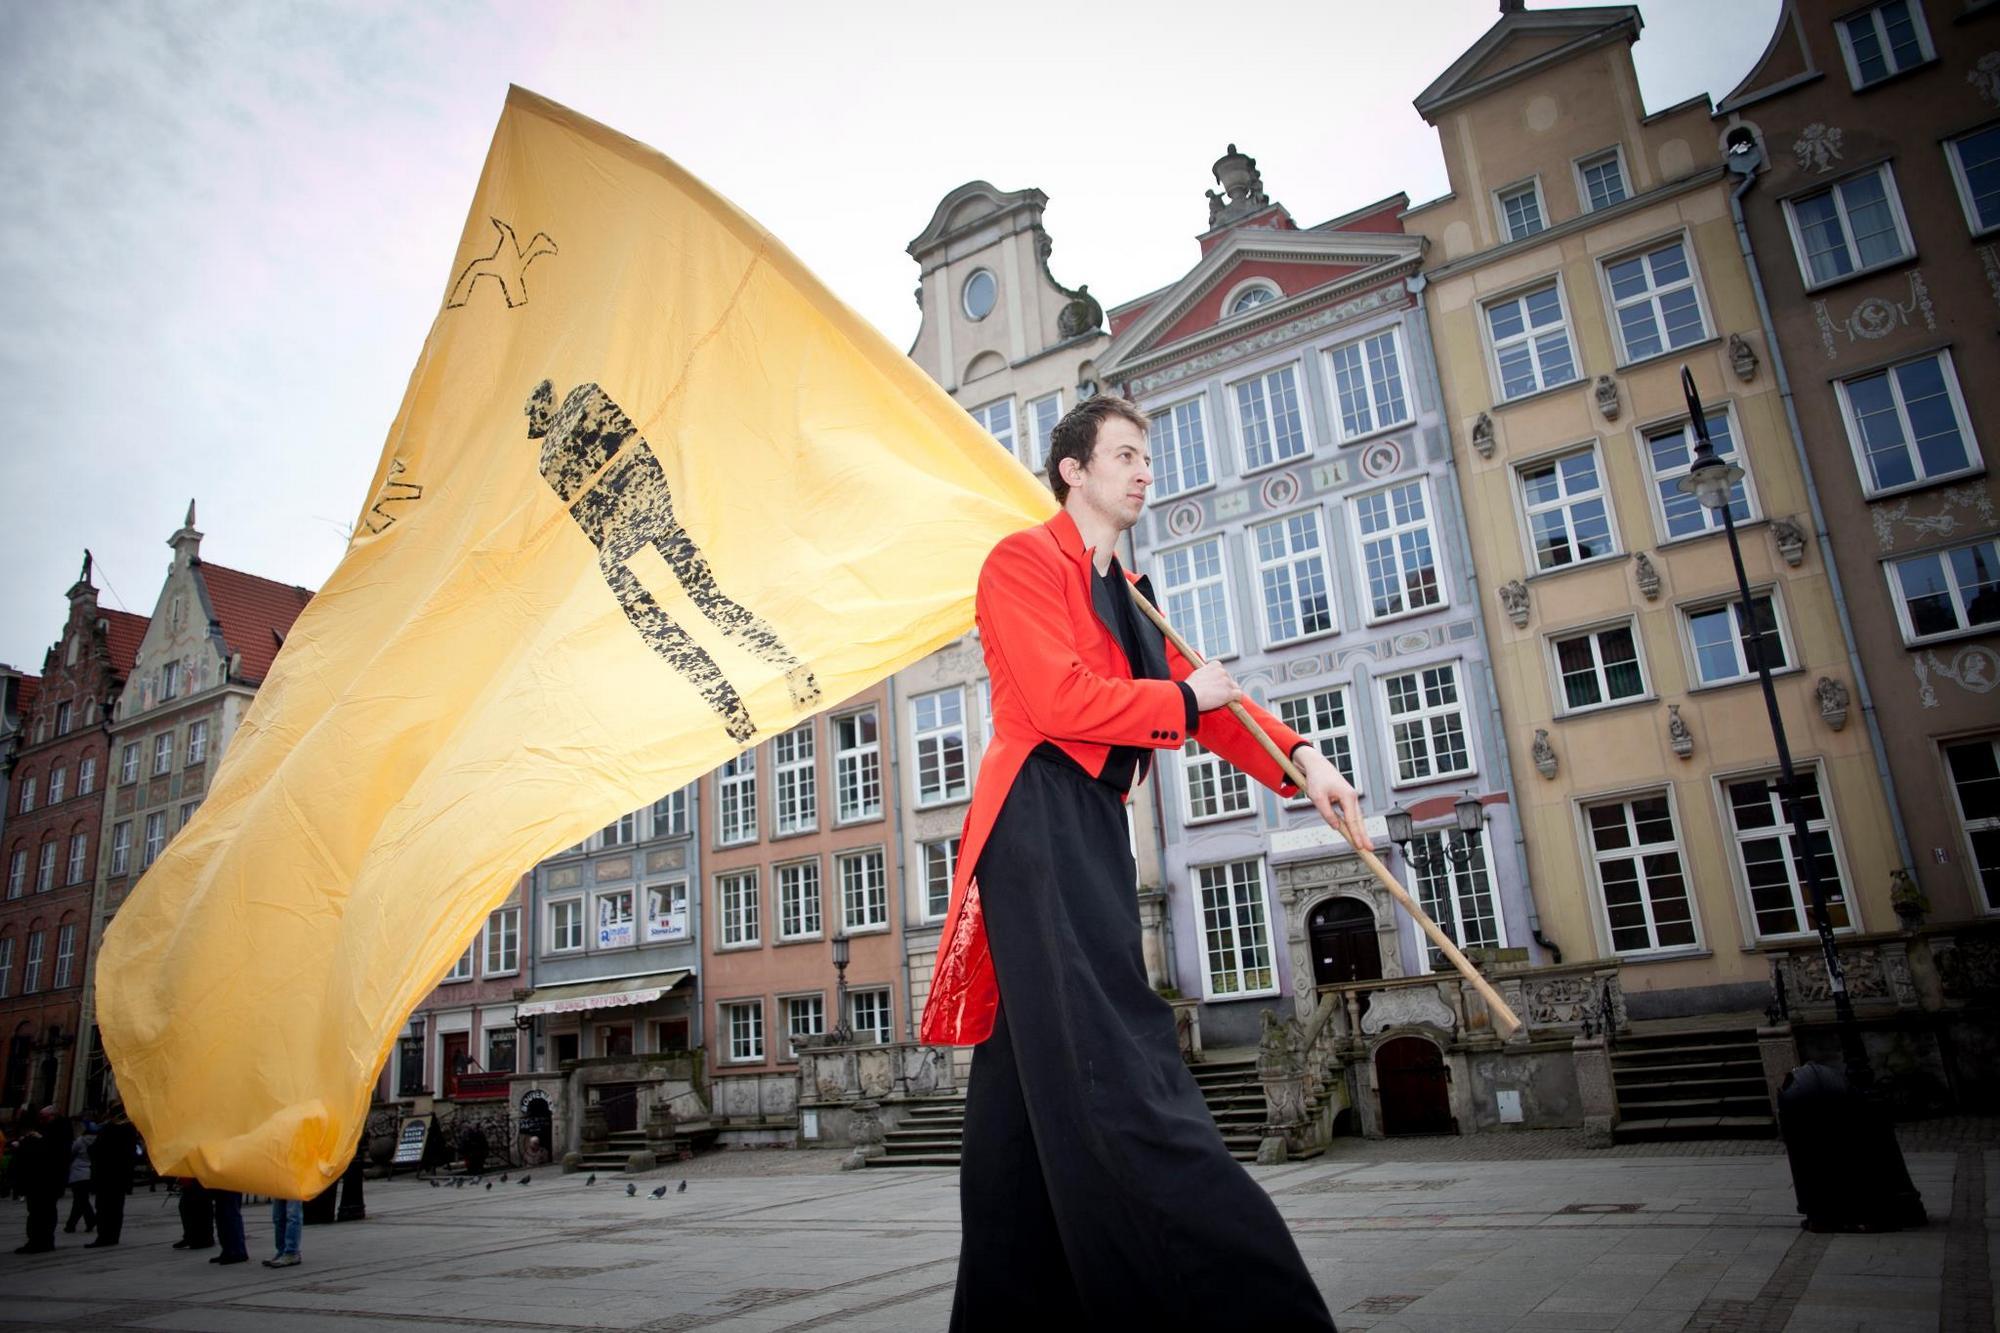 Międzynarodowy Festiwal Literatury Europejski Poeta Wolności w Gdańsku (źródło: materiały prasowe organizatora)